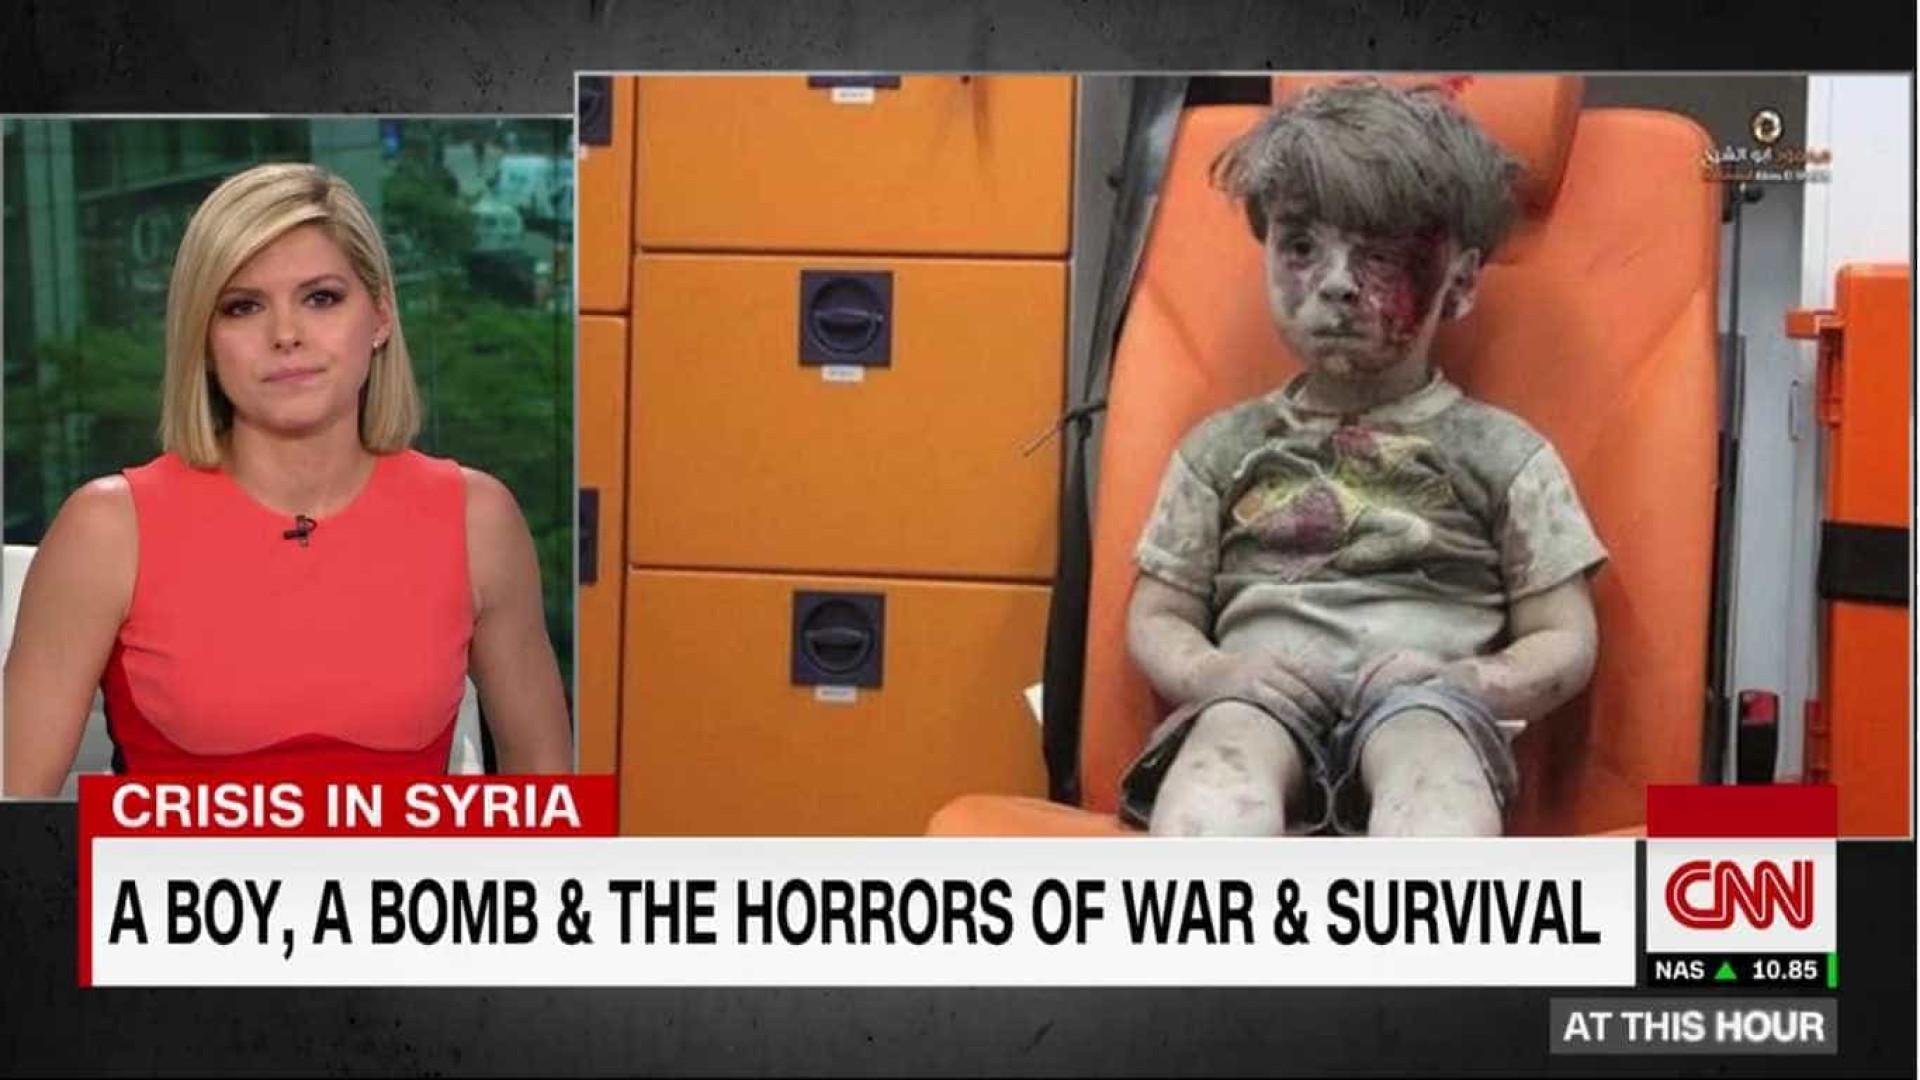 Jornalista emociona-se com história de Omran, o menino sírio